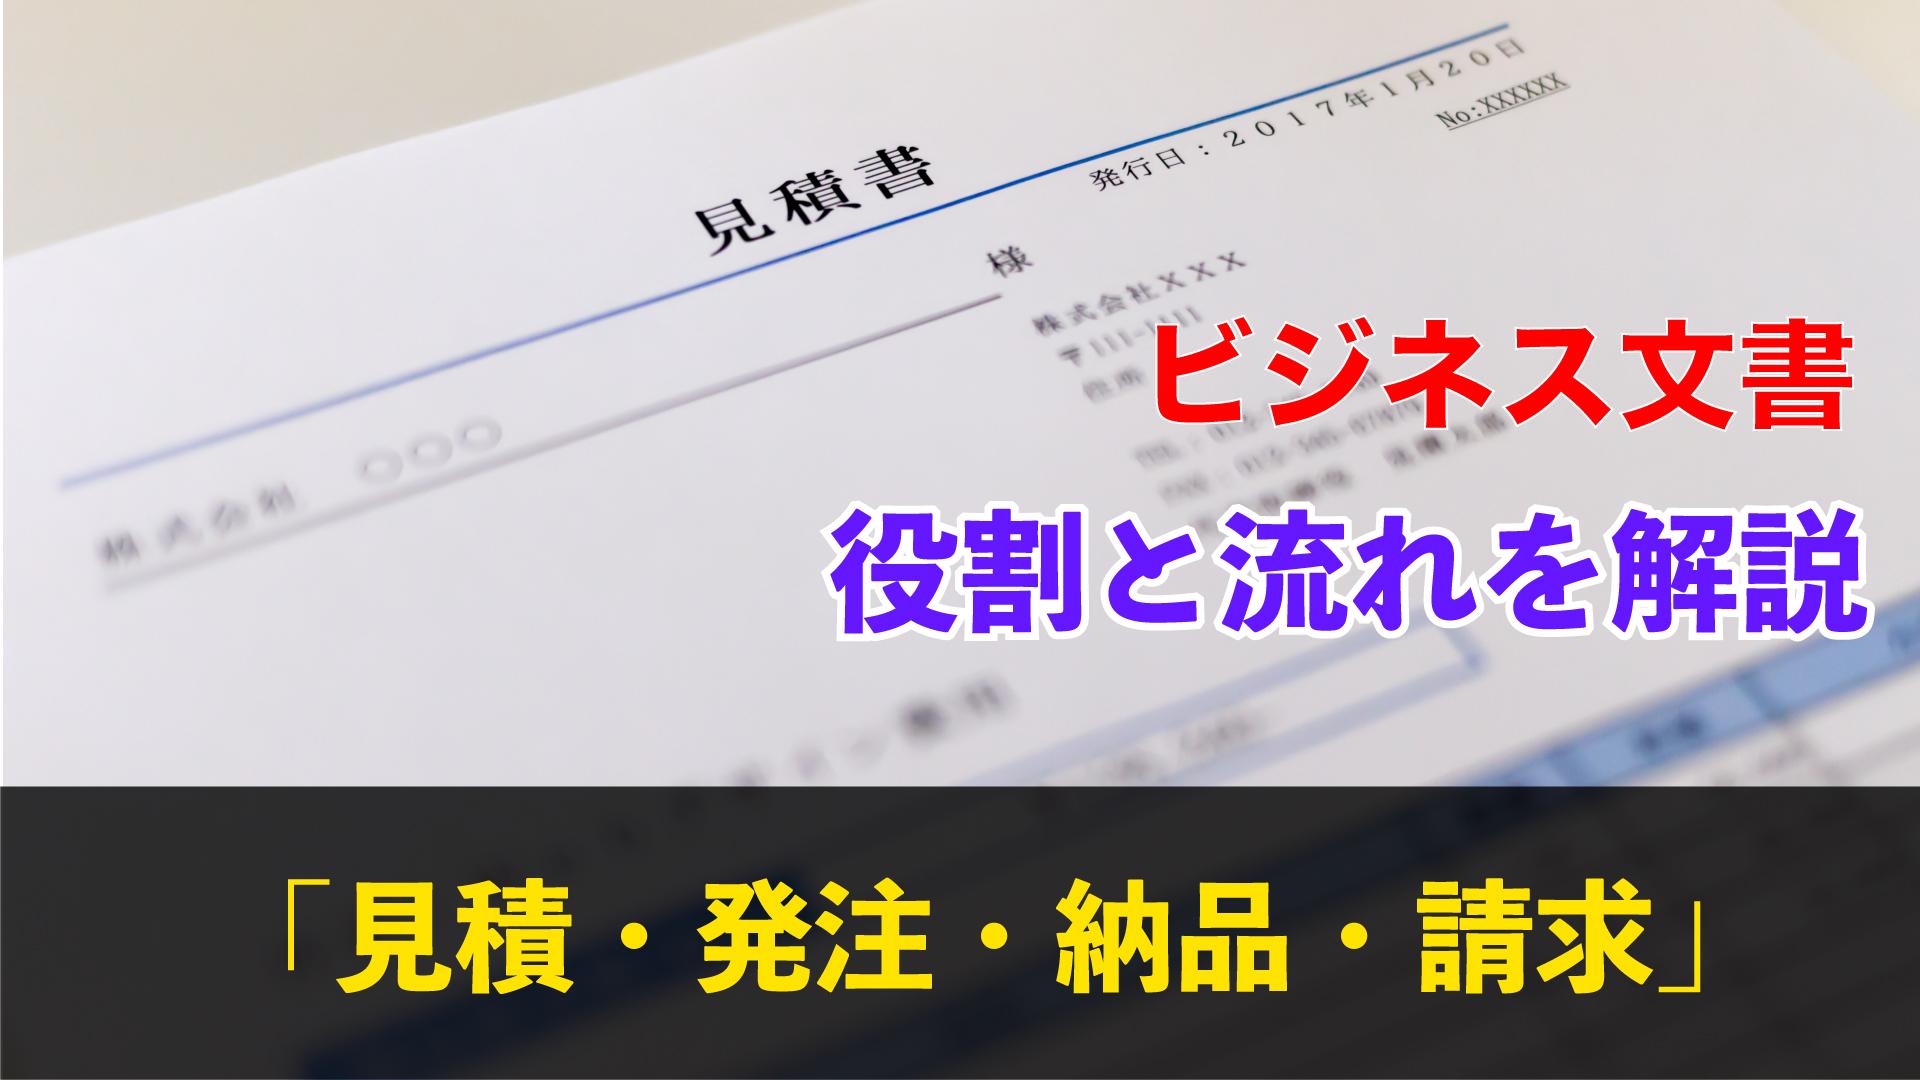 【超絶簡単】ビジネス文書「見積・発注・納品・請求」役割と流れを解説_thumbnail